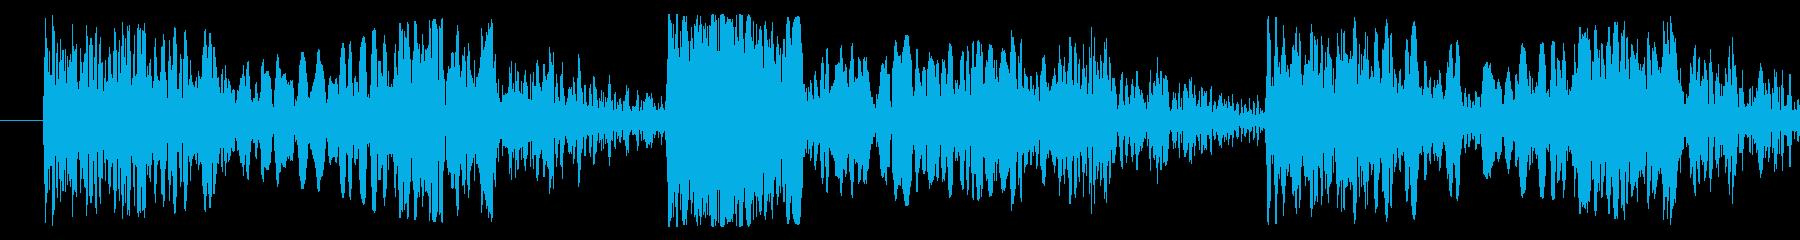 スクラッチ/DJの効果音!09の再生済みの波形